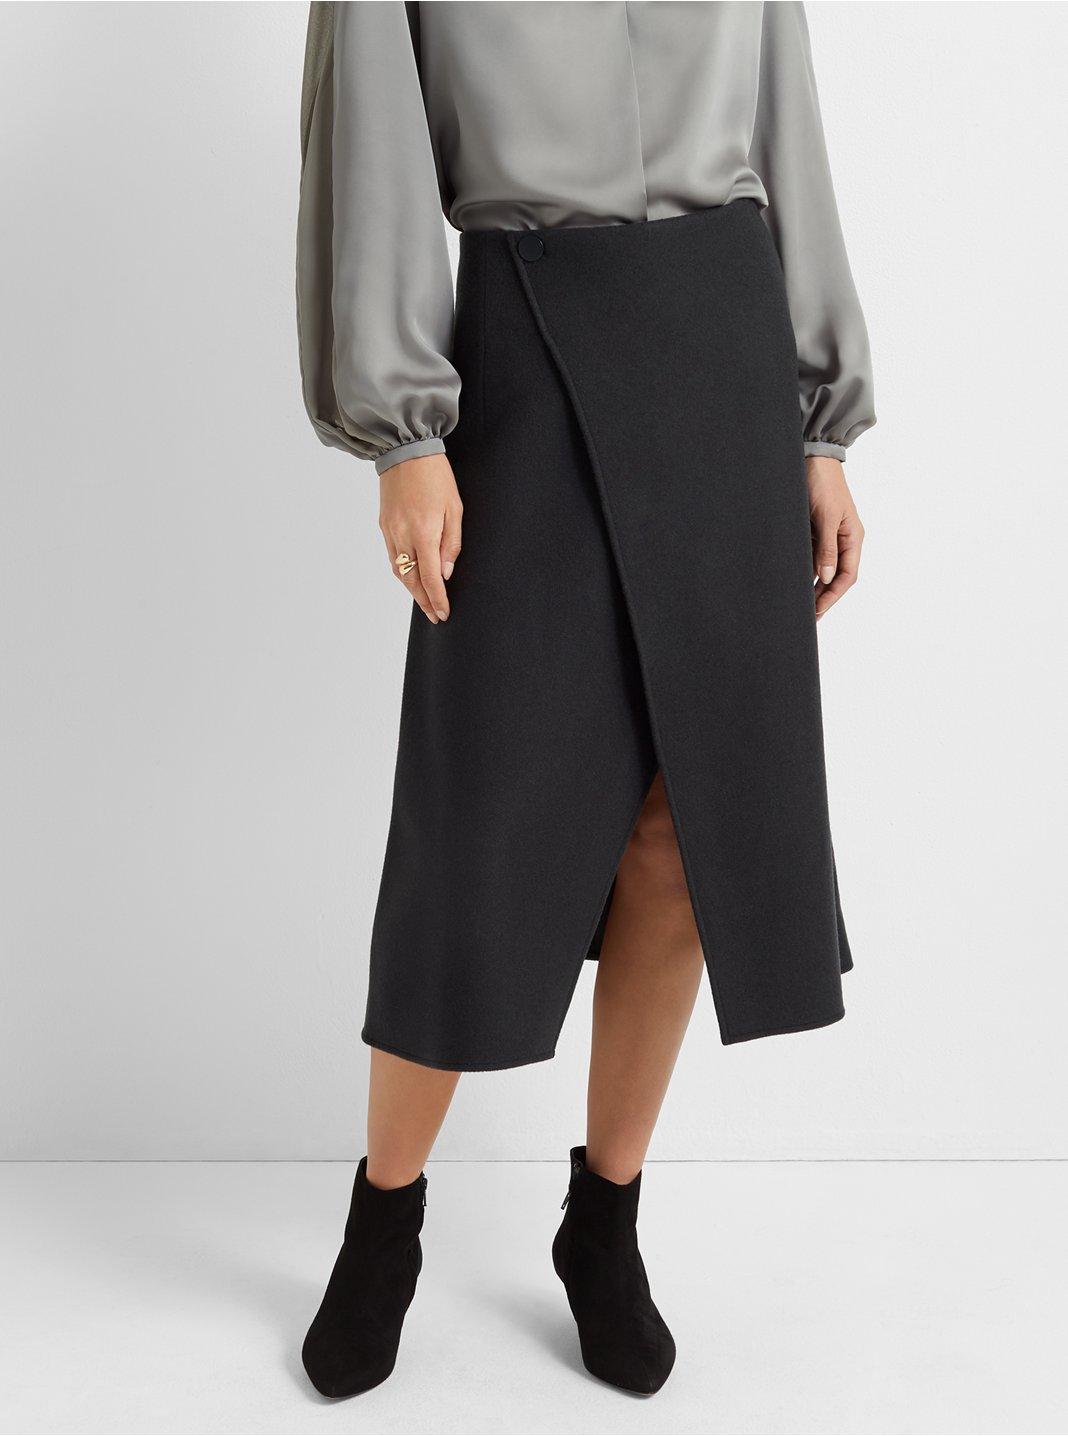 A-line Cutaway Skirt